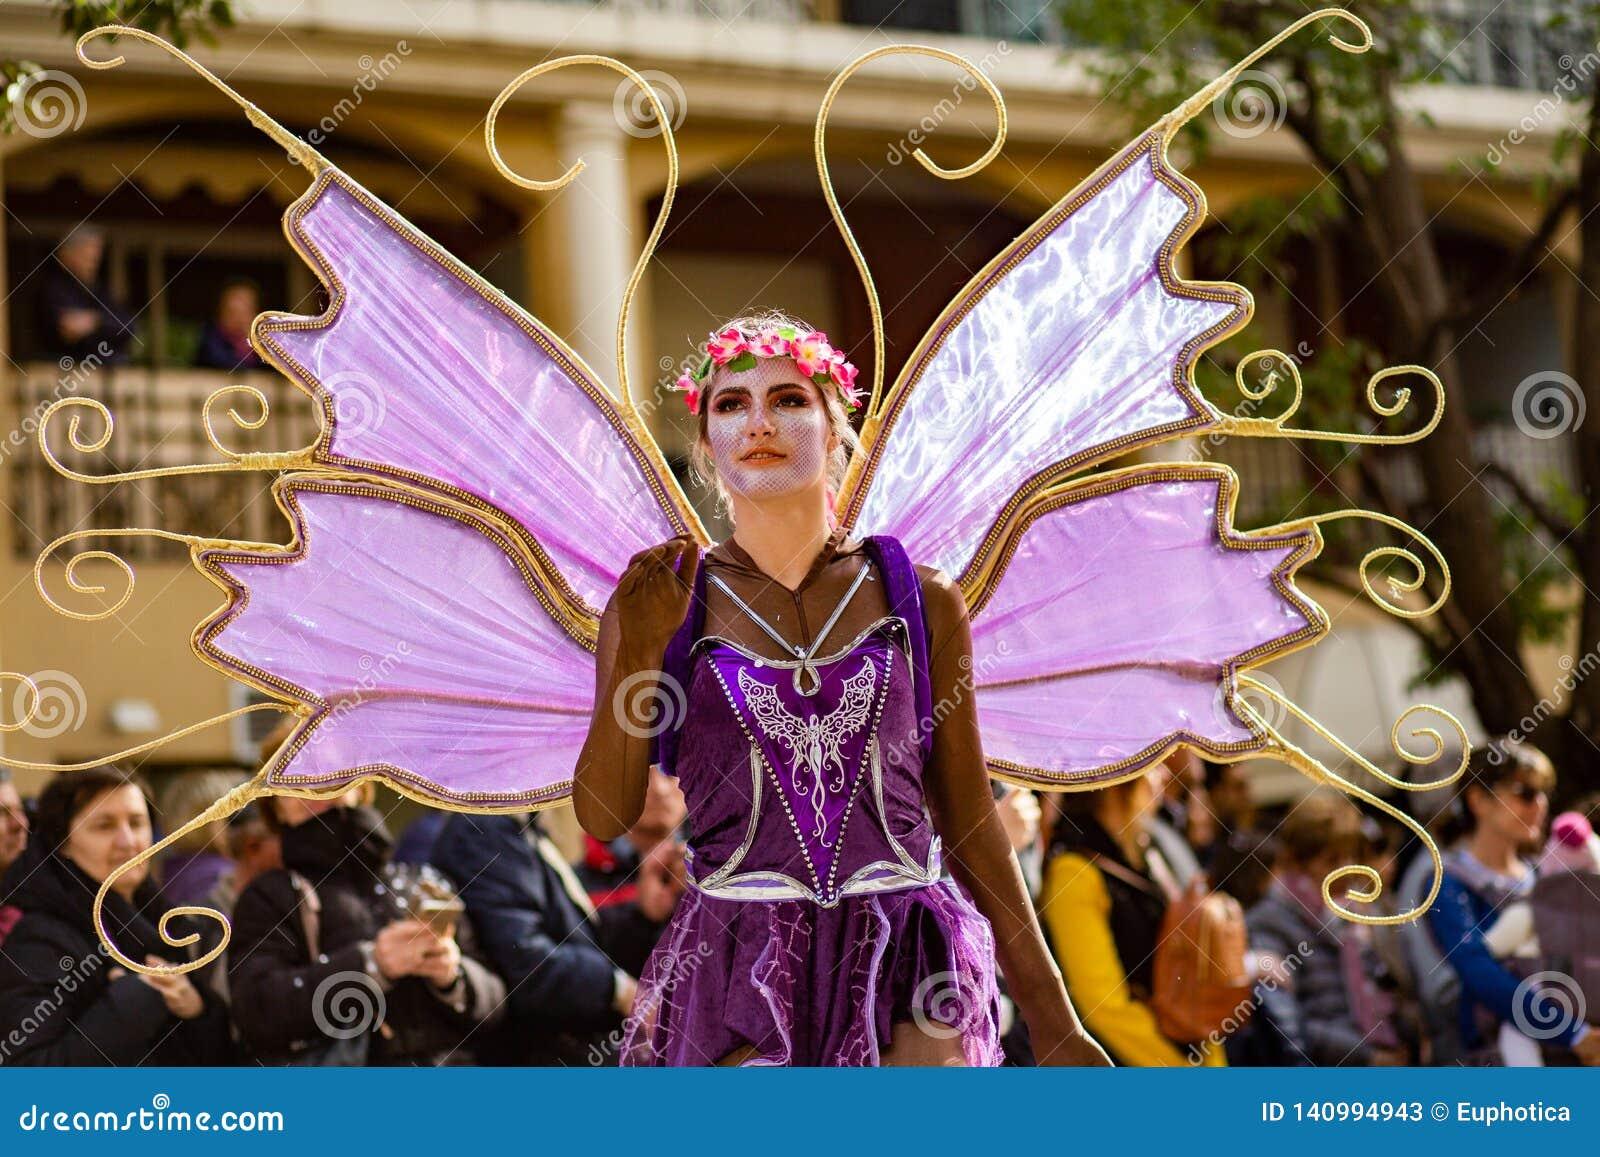 Festival 2019, via Carnaval, tema fantastico dei mondi, ritratto del limone di Menton dell artista